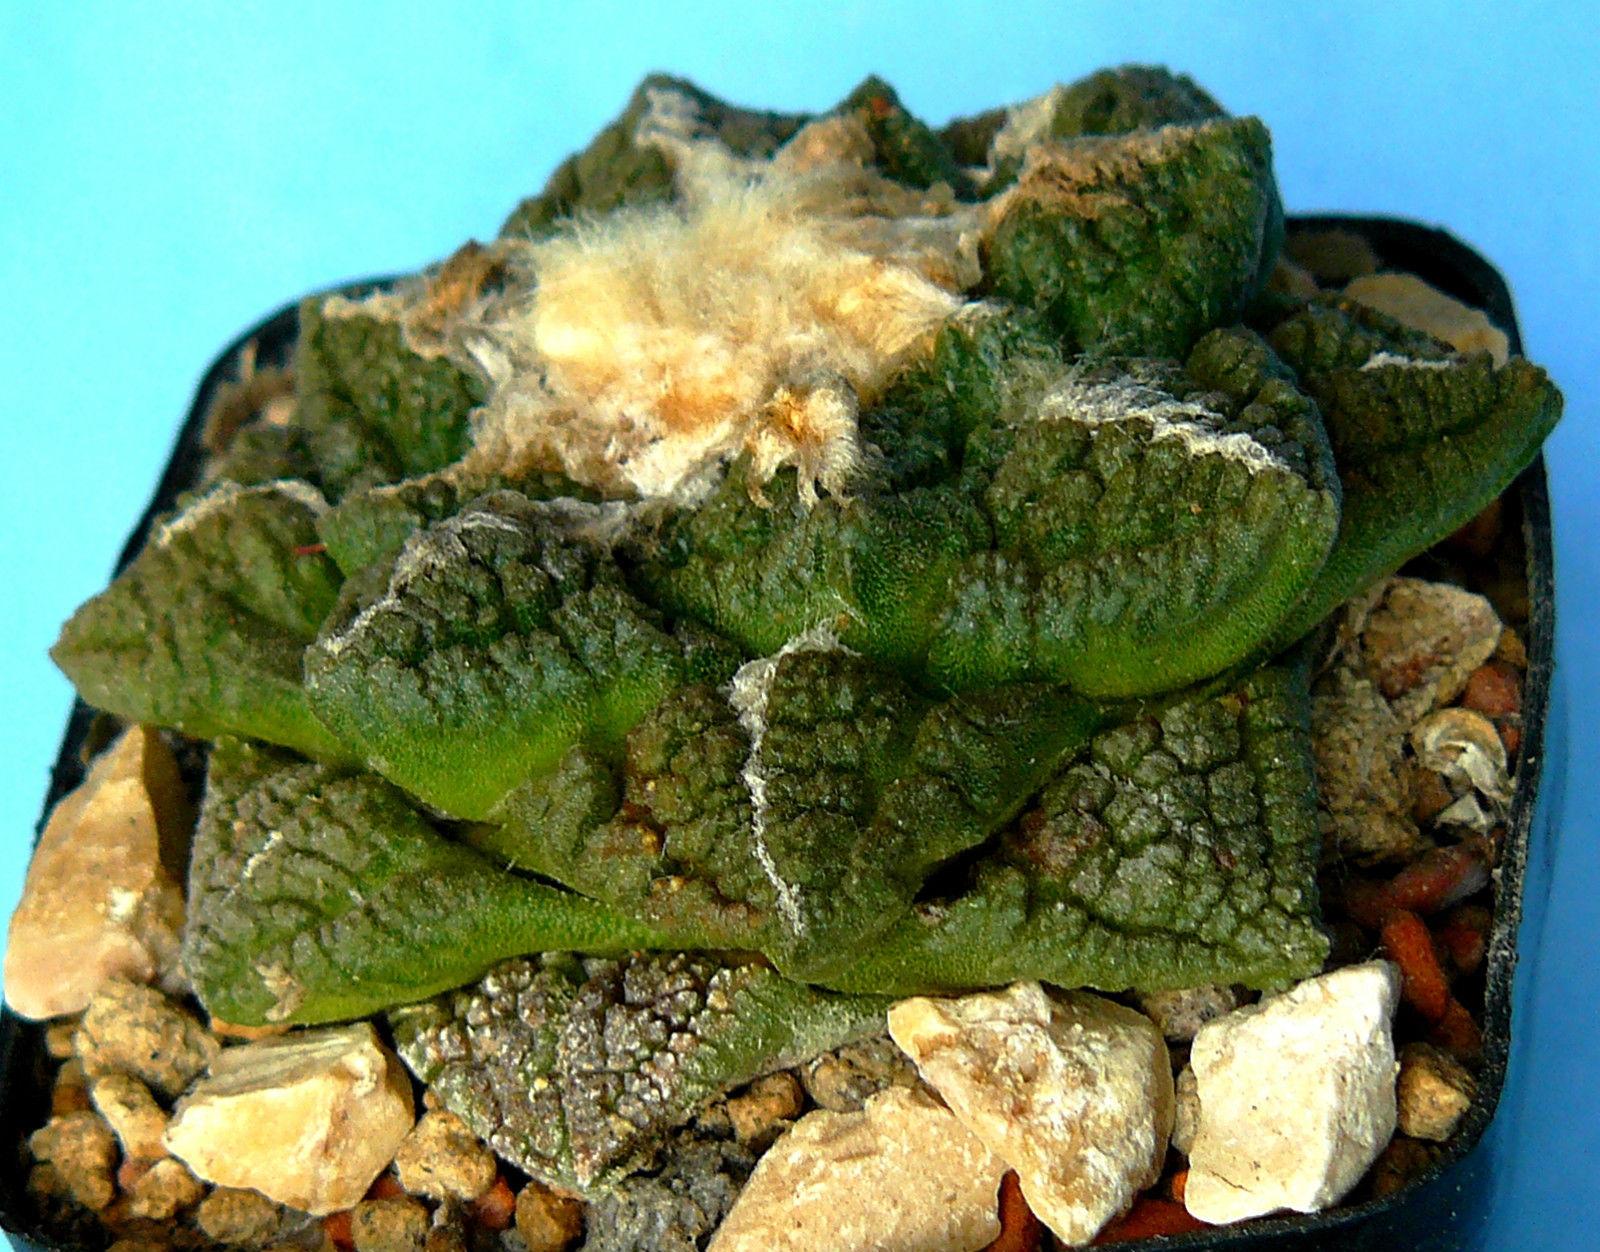 Ariocarpus fissuratus Living rock cactus seeds